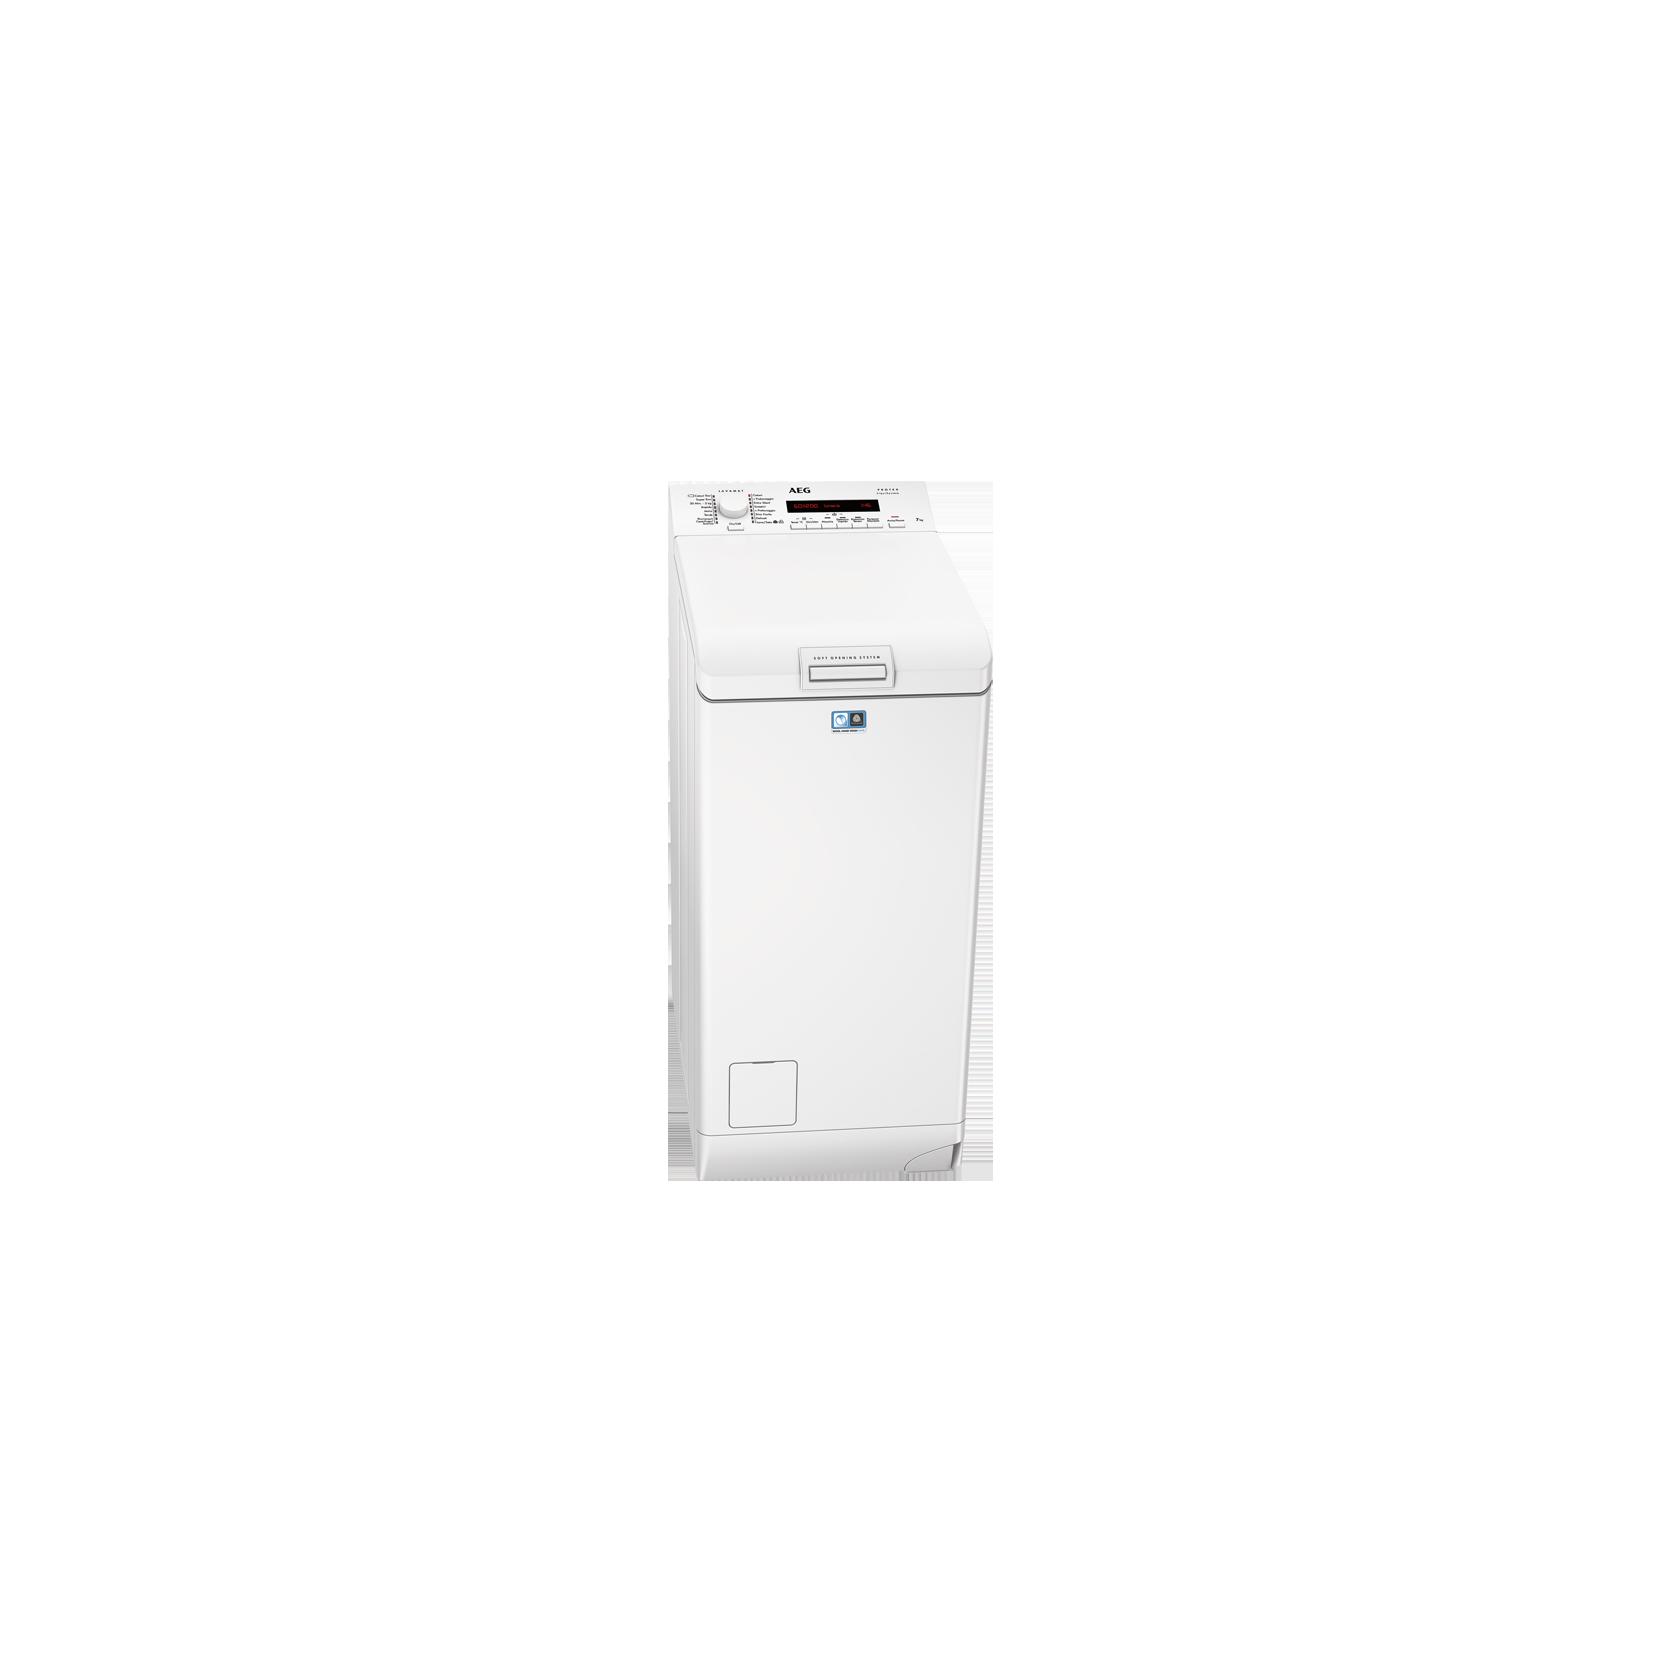 Aeg lavatrice l71272tl carica dall 39 alto 7 kg 1200 giri a for Lavatrici 7 kg miglior prezzo